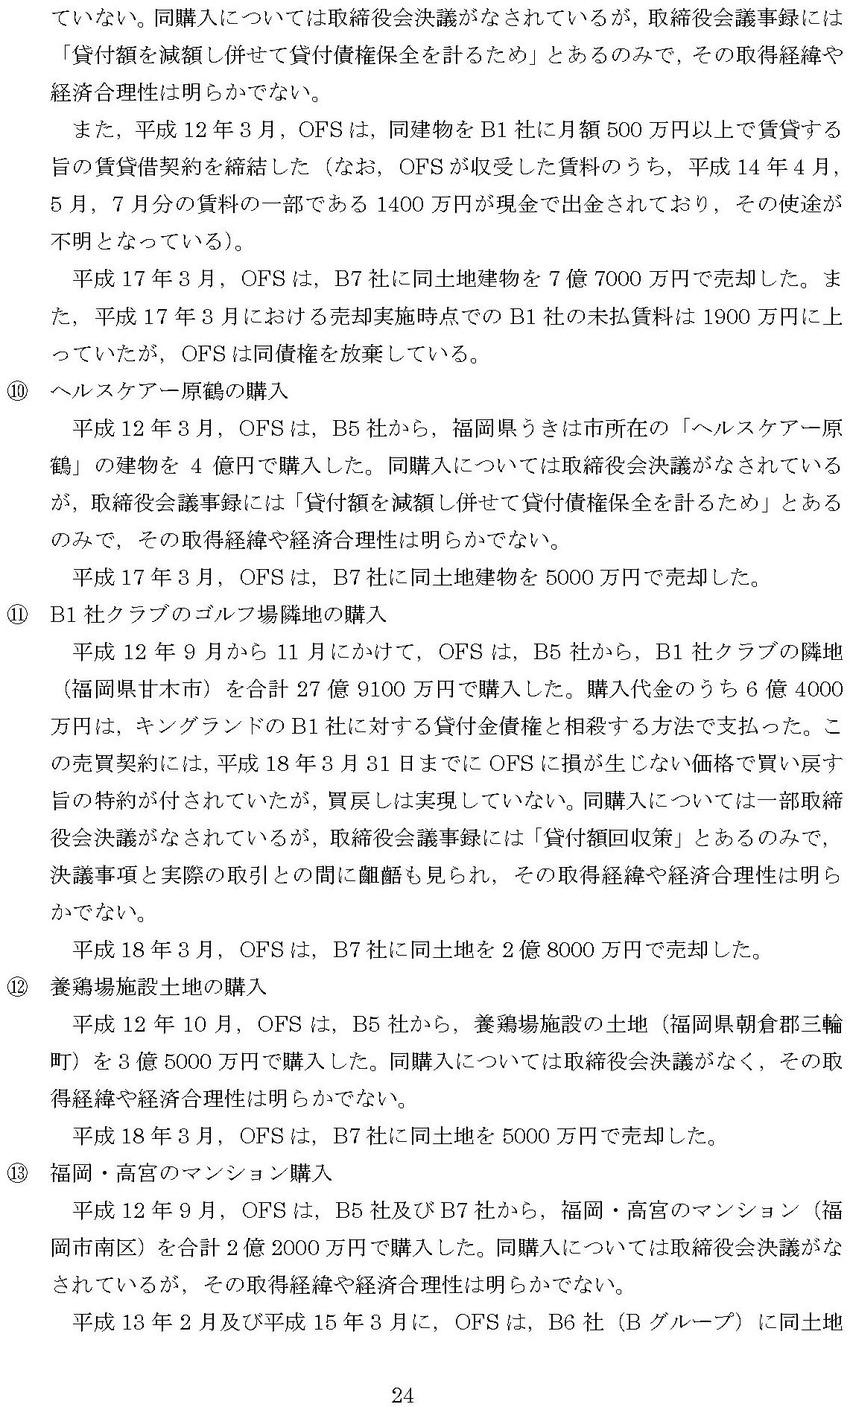 29_1_ページ_032_1